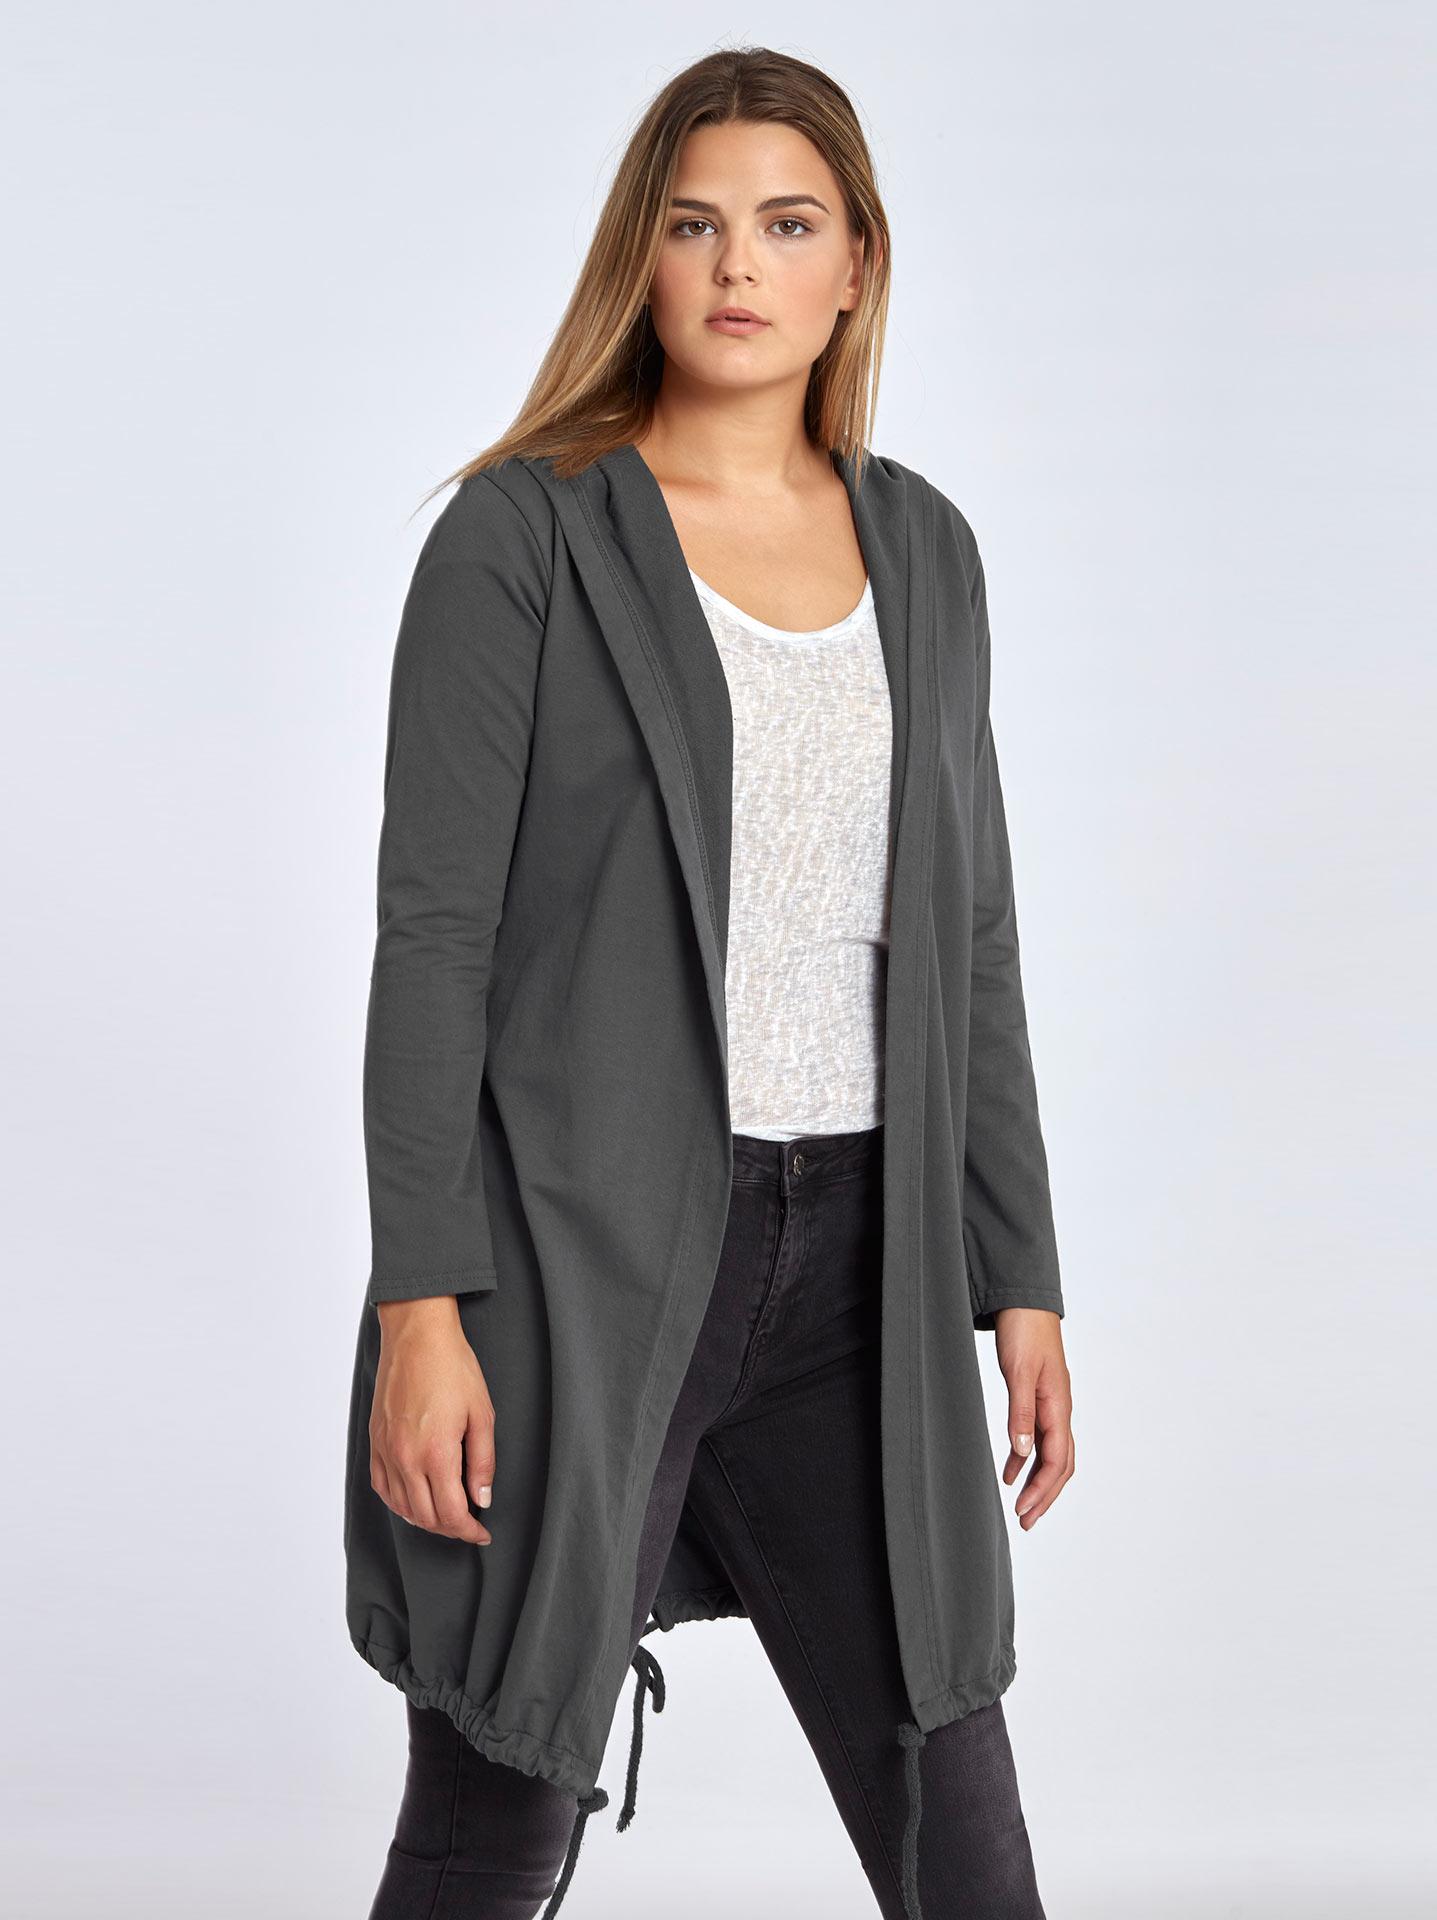 8a04d56adf Plus size hooded sweatshirt cardigan in dark grey